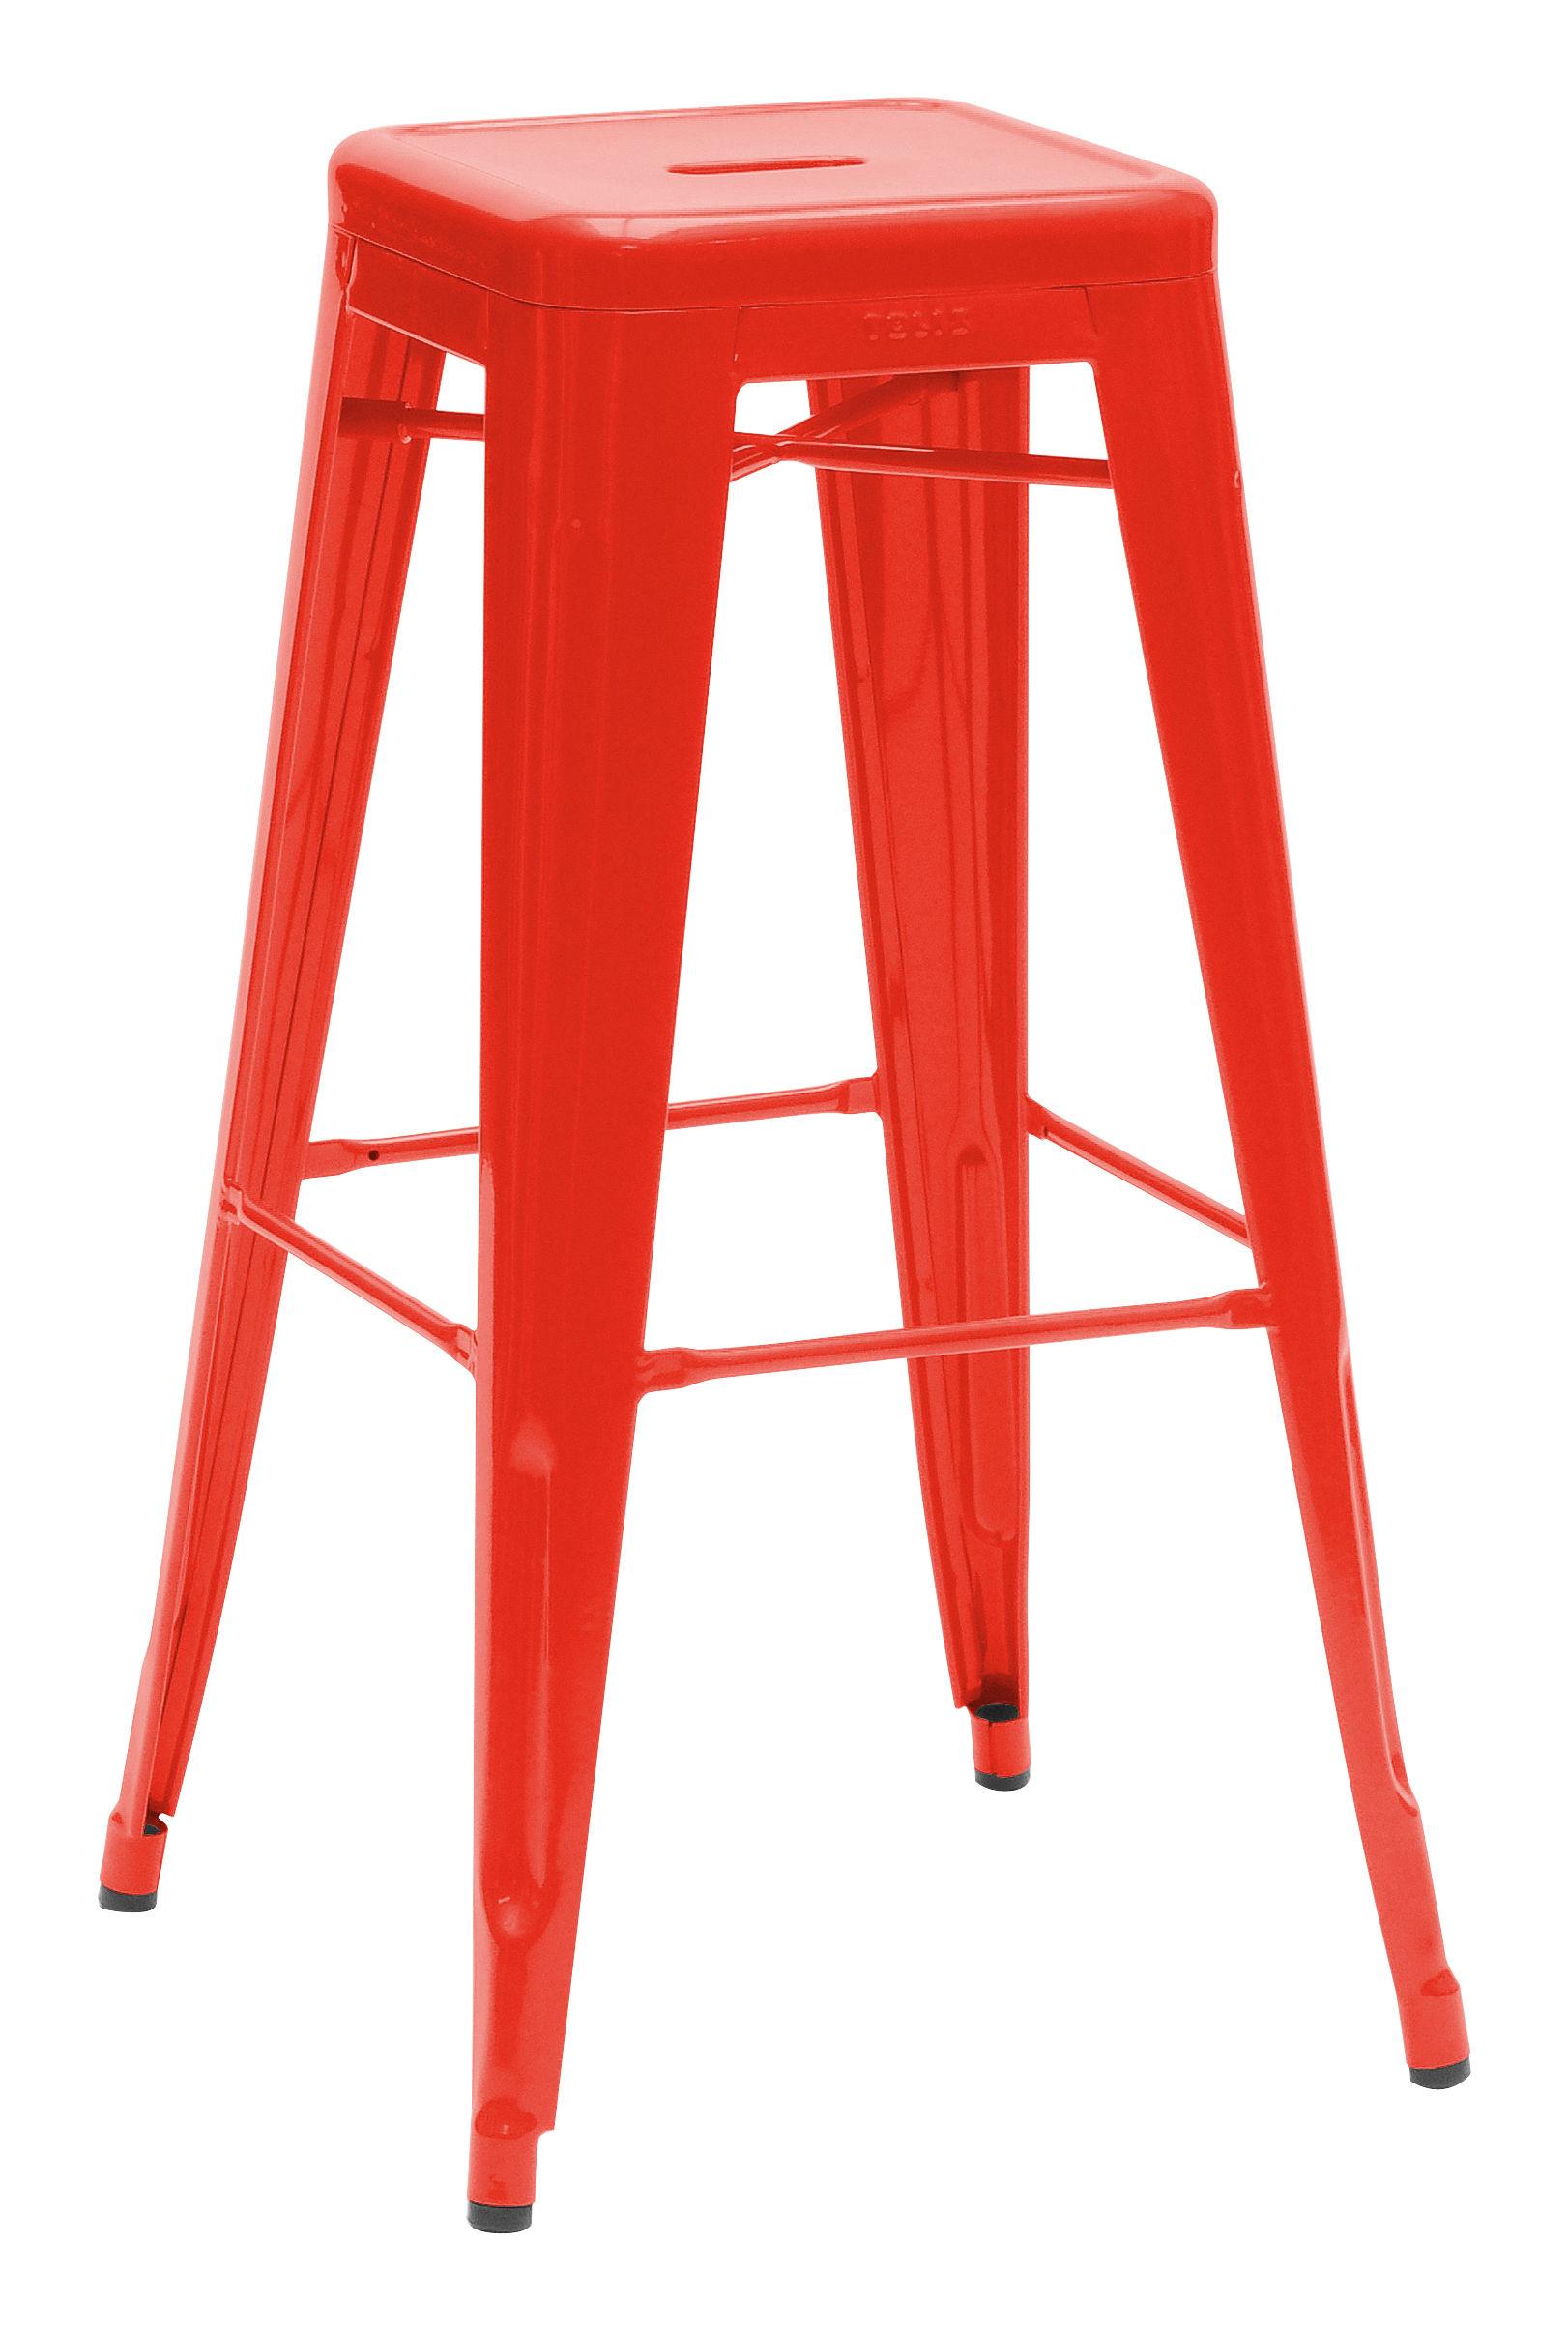 Arredamento - Sgabelli da bar  - Sgabello bar H - acciaio laccato - H 75 cm di Tolix - Rosso - Acciaio riciclato laccato